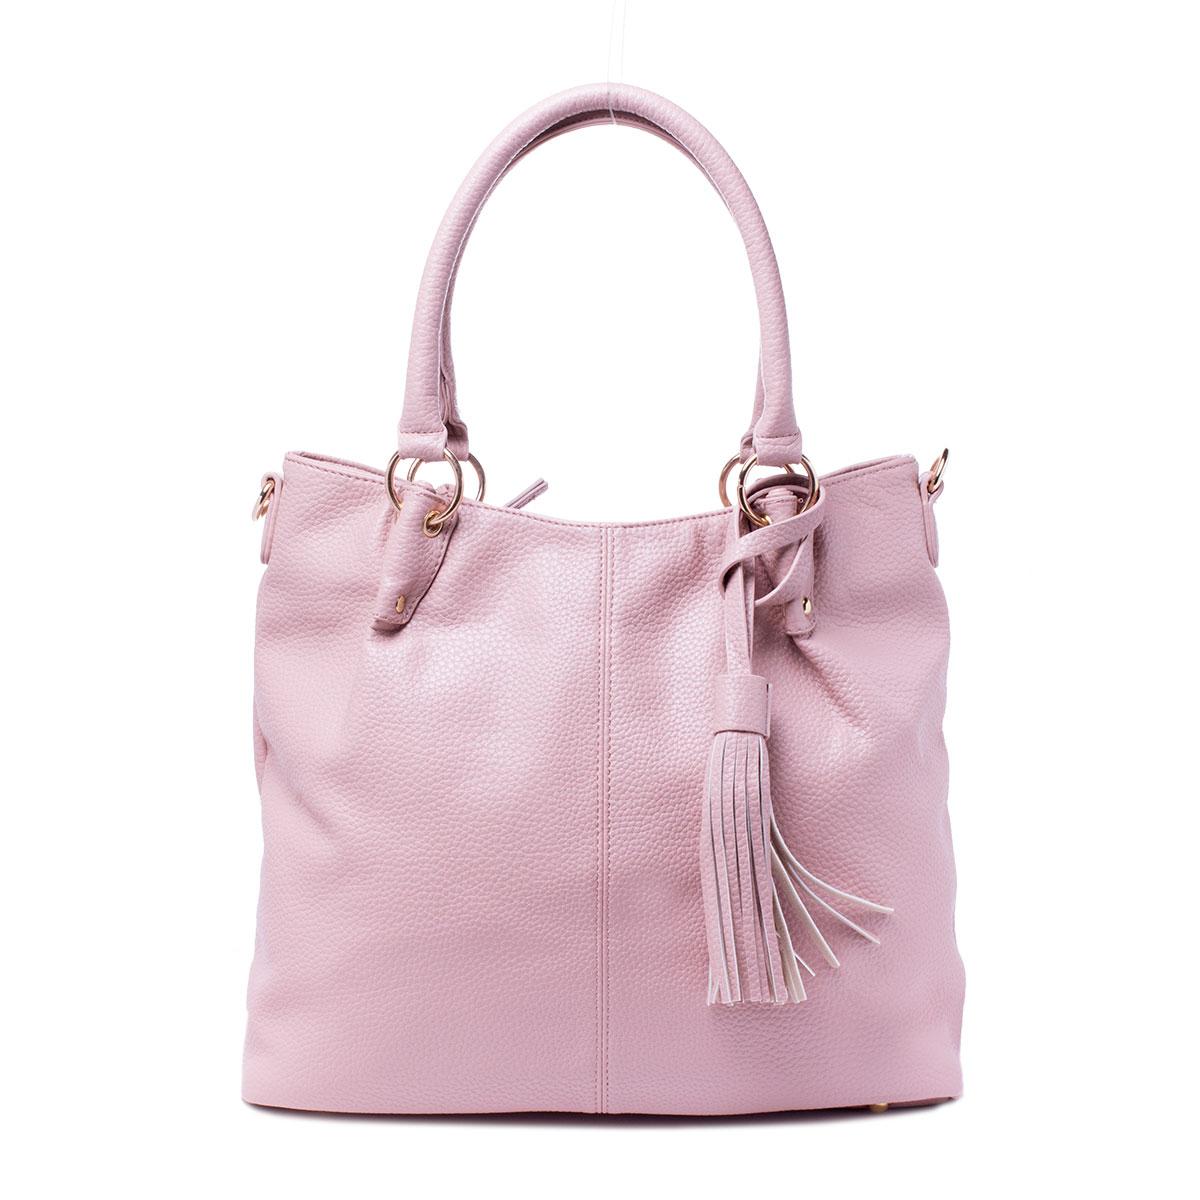 Сумка женская Baggini, цвет: розовый. 29785/6329785/63Сумка жен., иск. кожа